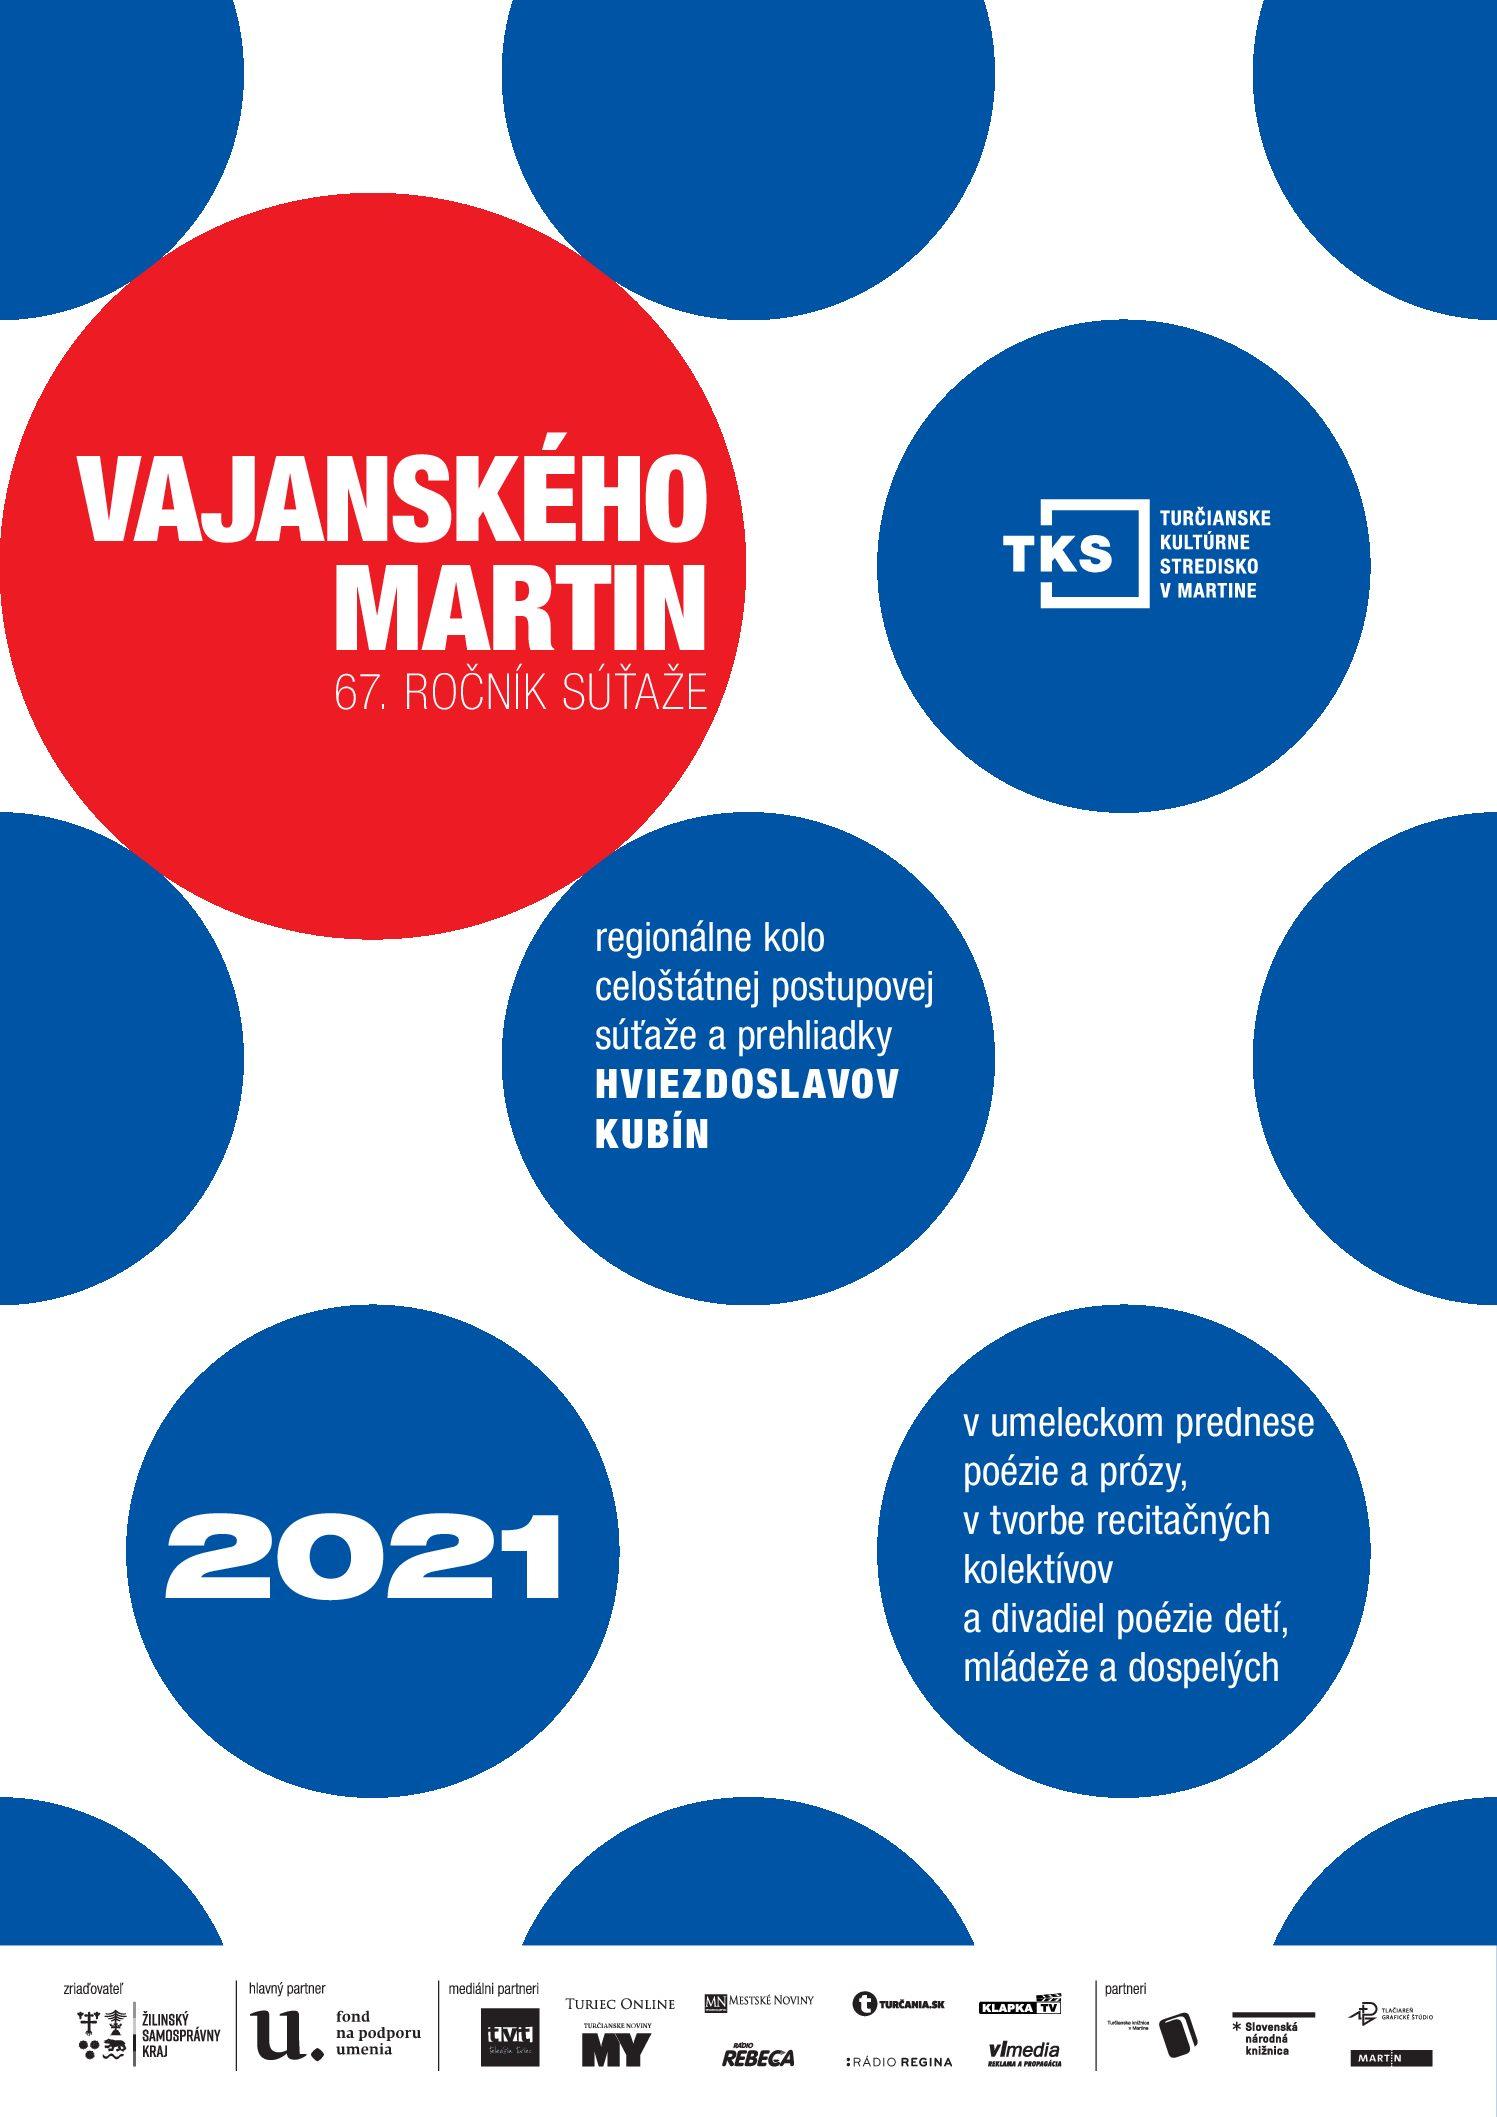 PRIHLASOVANIE do regionálneho kola Vajanského Martin 2021 JE OTVORENÉ